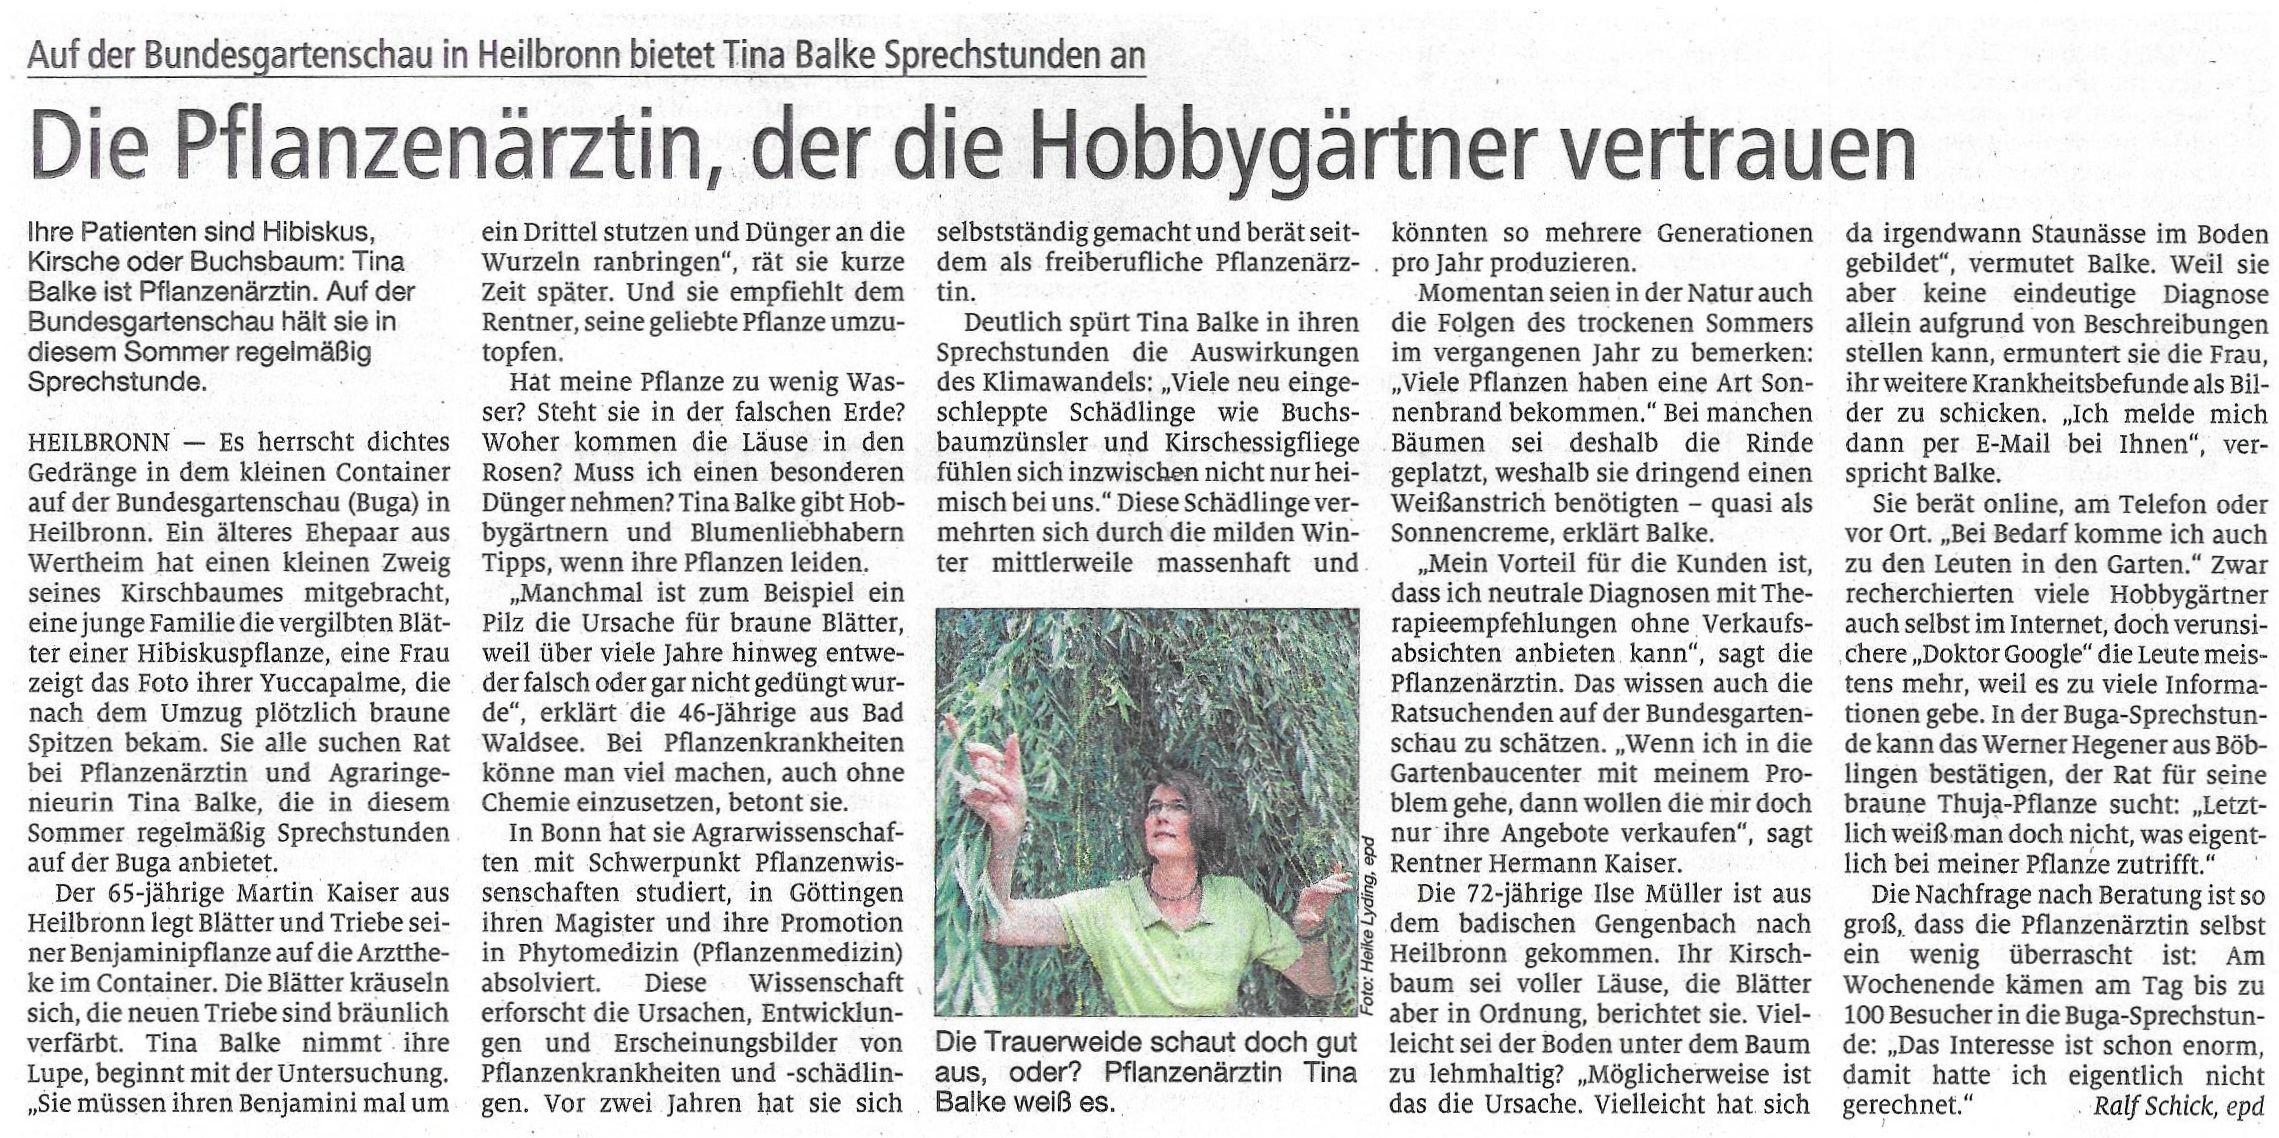 Nürnberger_Zeitung_2019.jpg